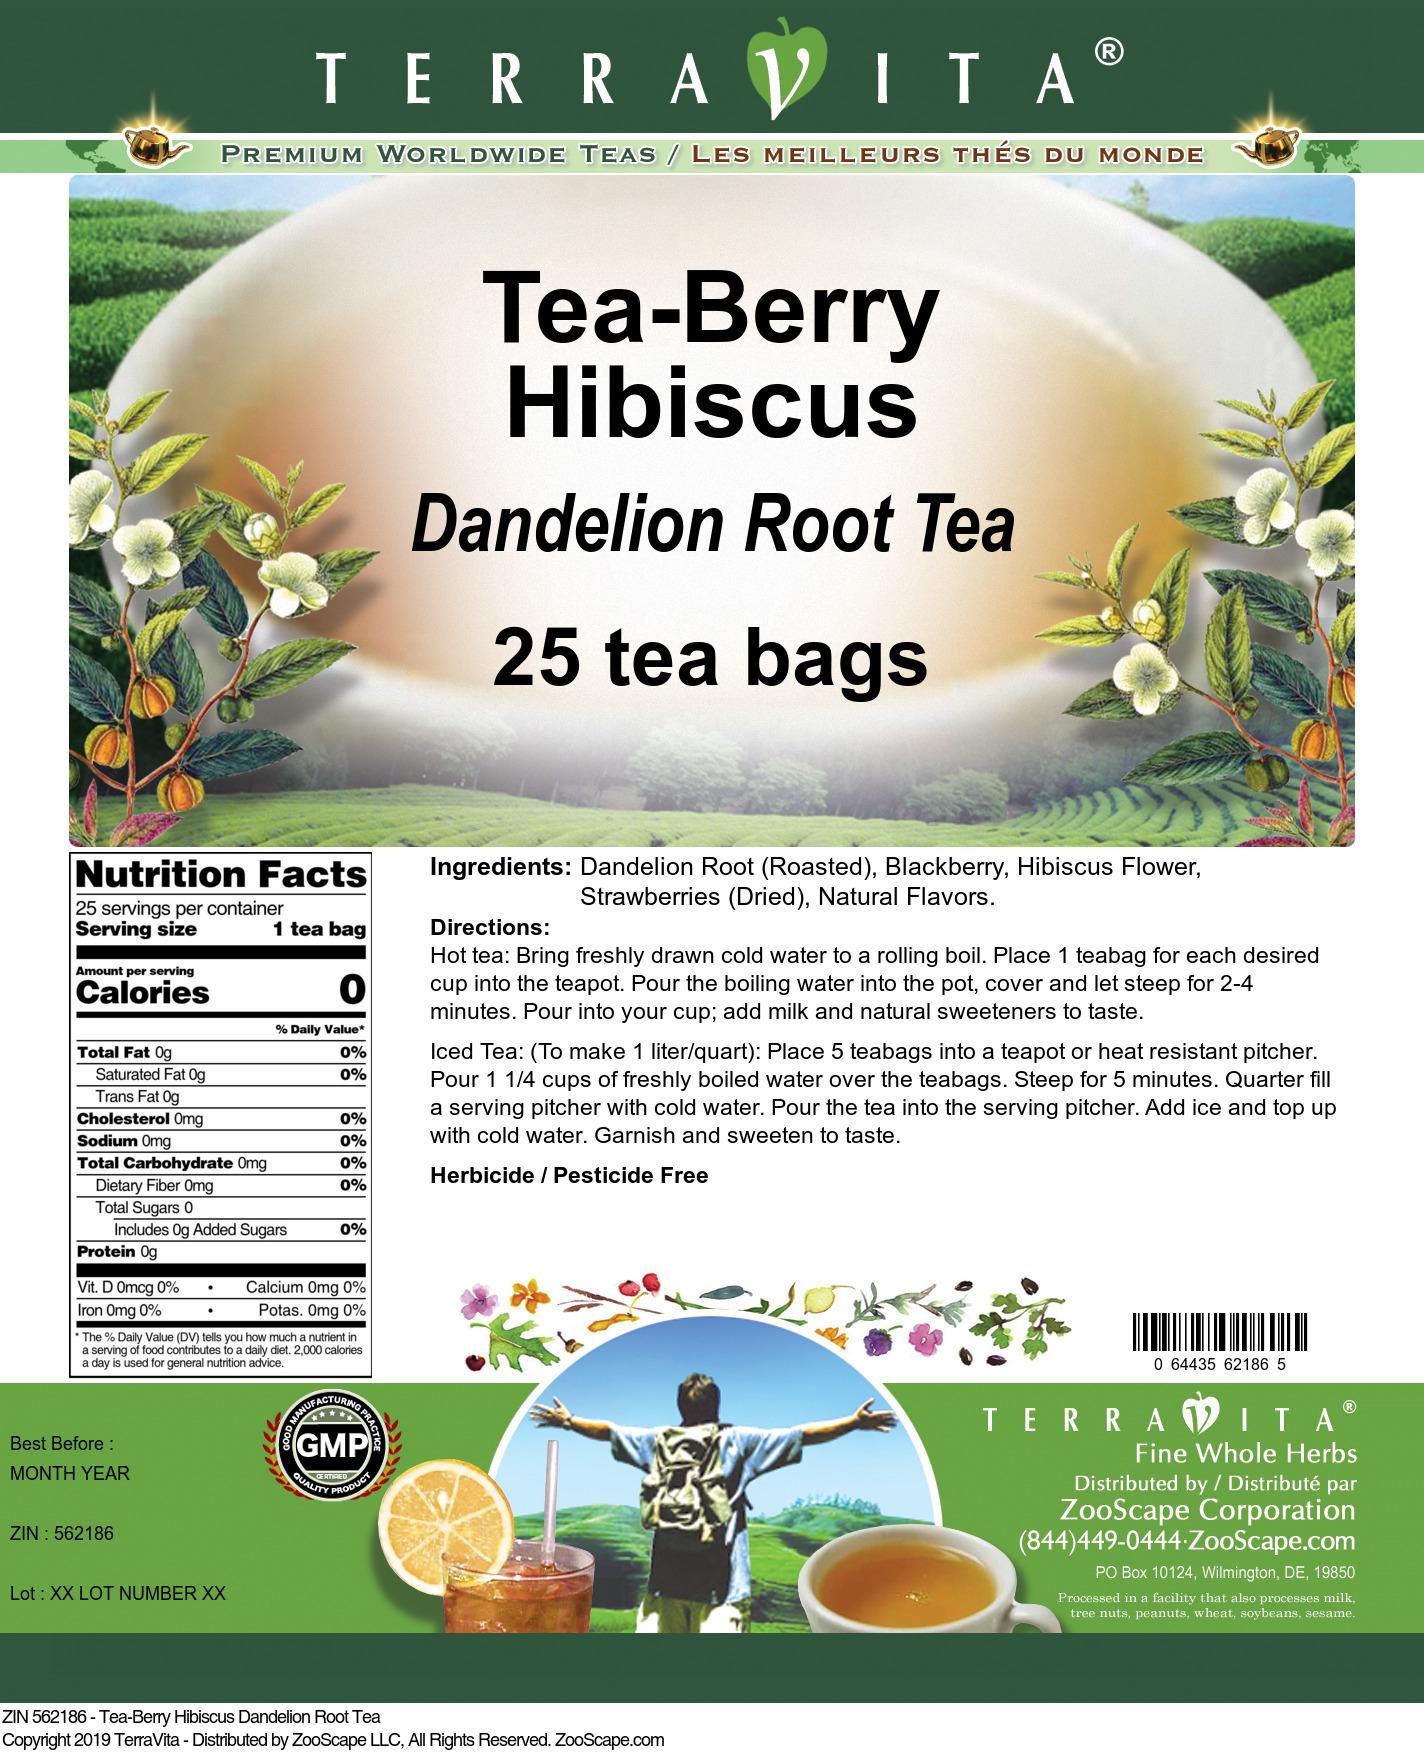 Tea-Berry Hibiscus Dandelion Root Tea